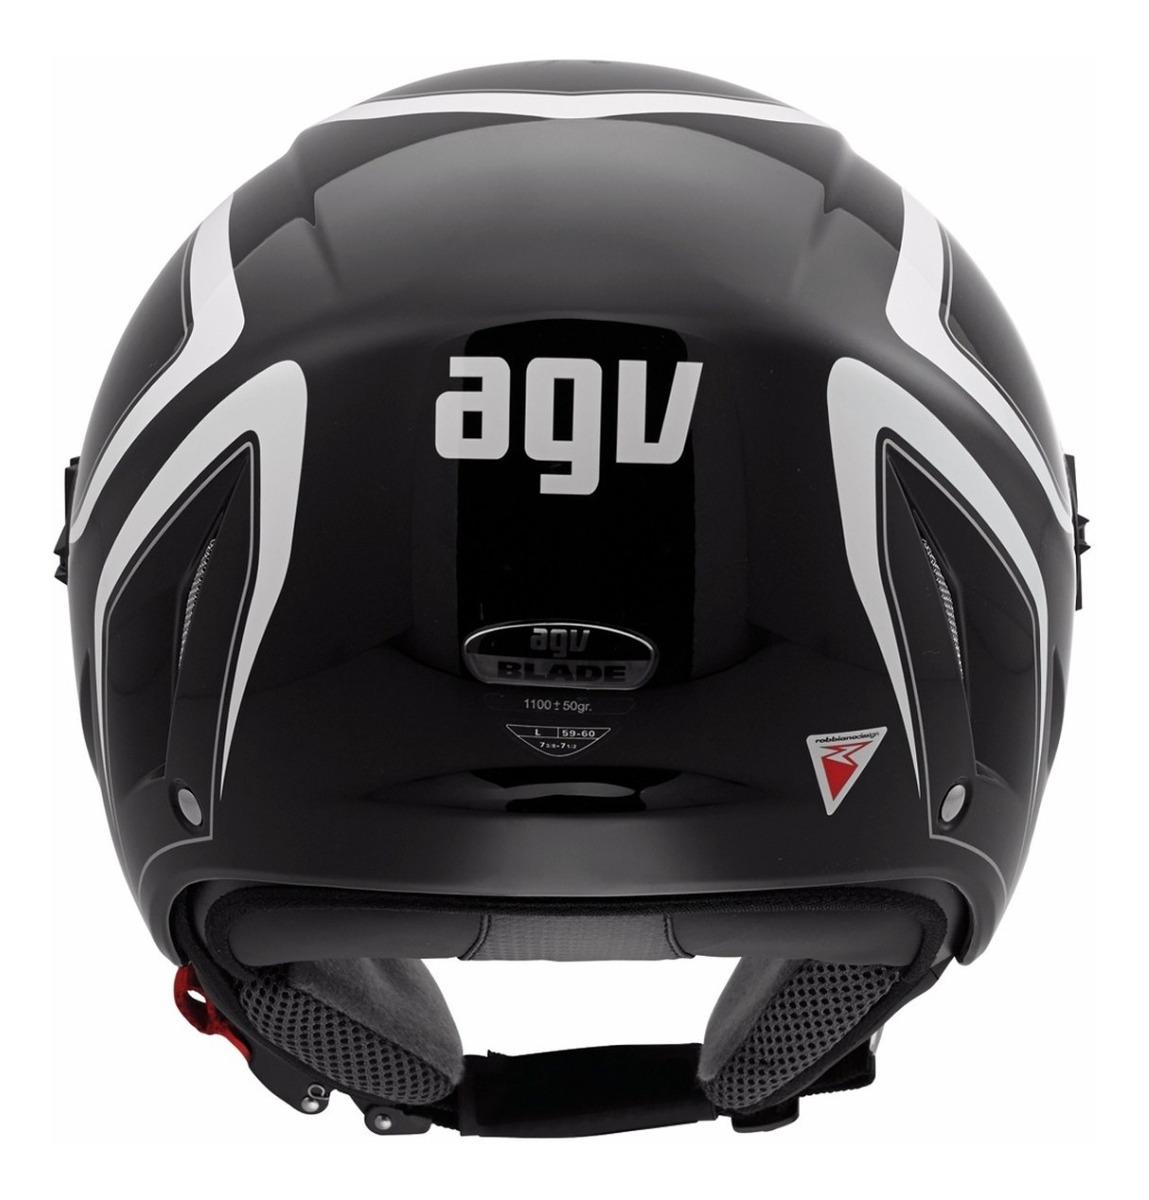 Capacete AGV Blade (Aberto) Tab - Proteção para